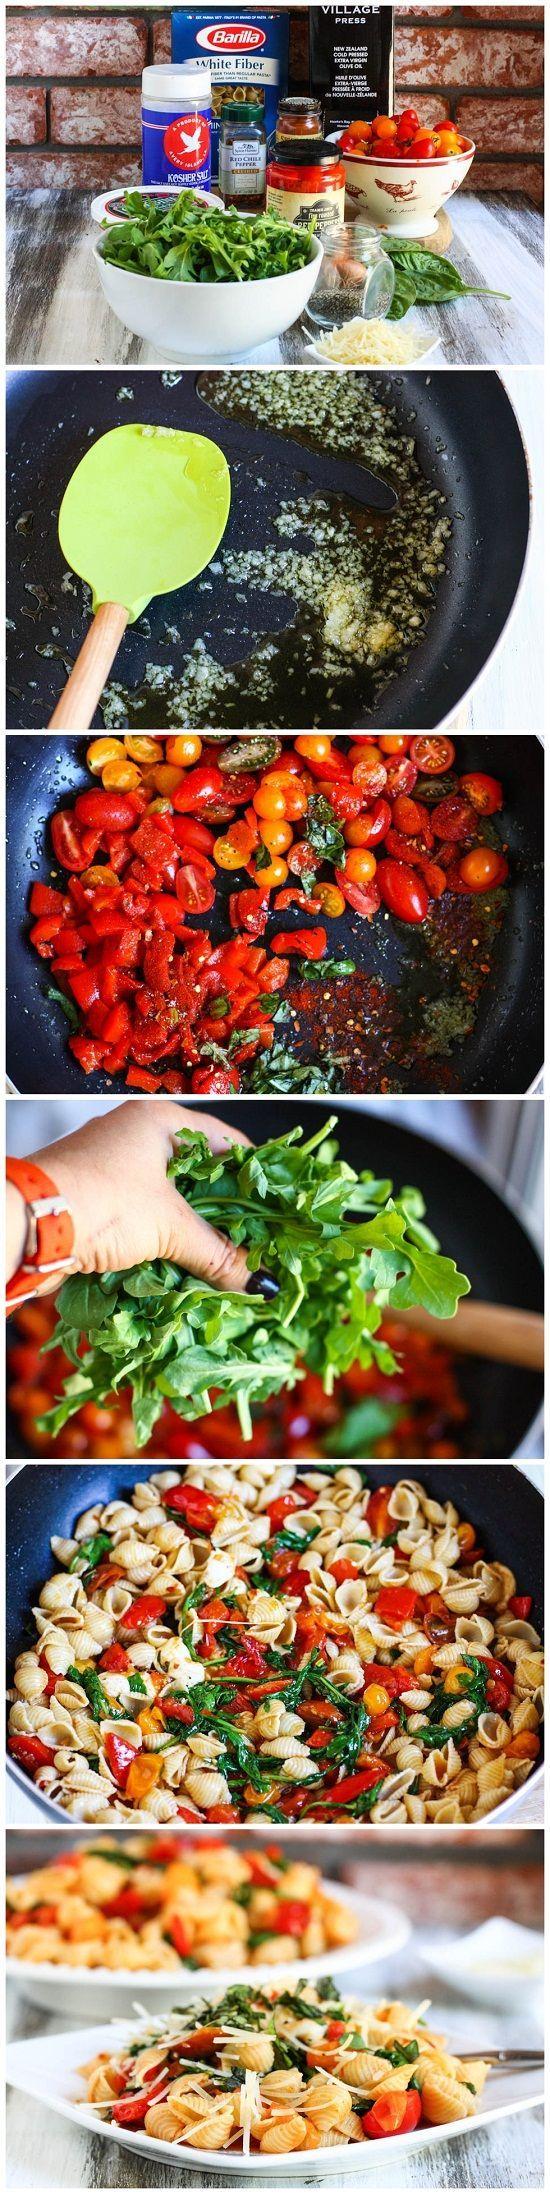 Rauchige Tomate, gebratener roter Pfeffer u. Arugula-Teigwaren   – Dinner!